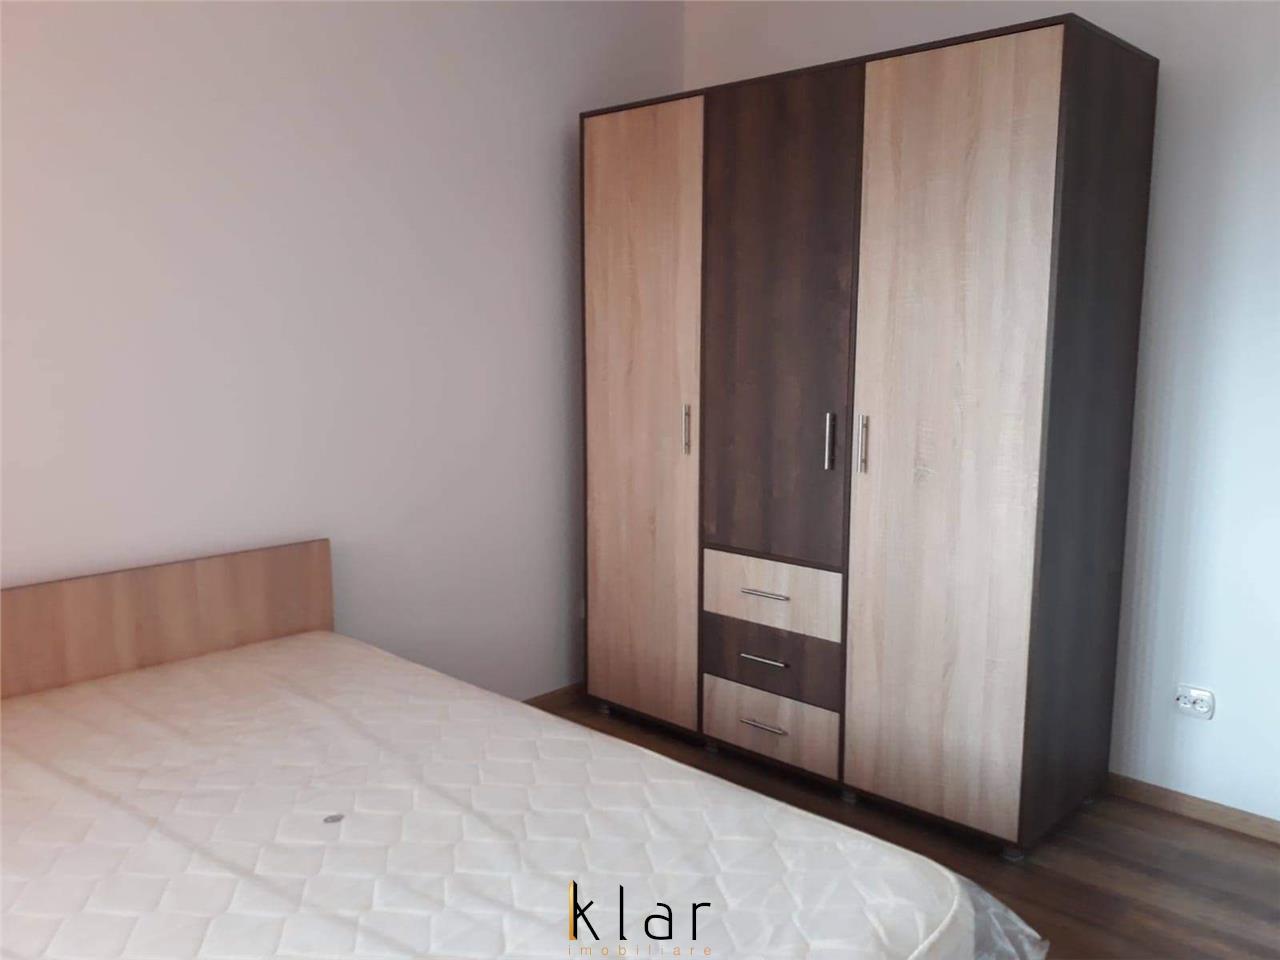 Apartament 2 camere, bloc nou, garaj!